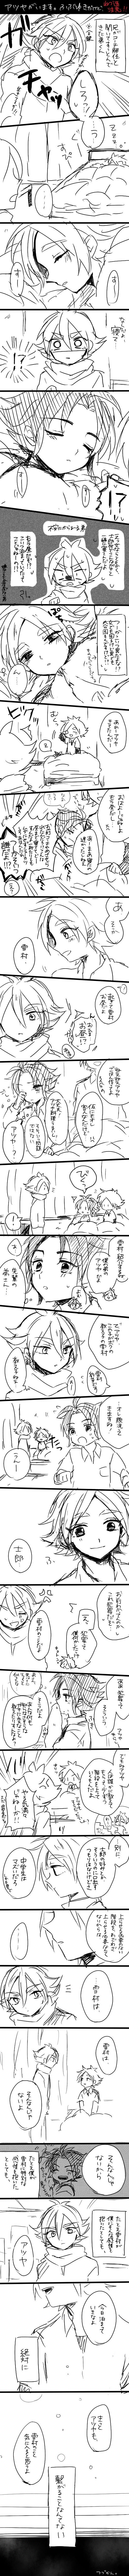 Tags: Anime, Miyacorori, Inazuma Eleven GO, Inazuma Eleven, Fubuki Atsuya, Yukimura Hyouga, Fubuki Shirou, Comic, Translation Request, Pixiv, Fubuki Twins